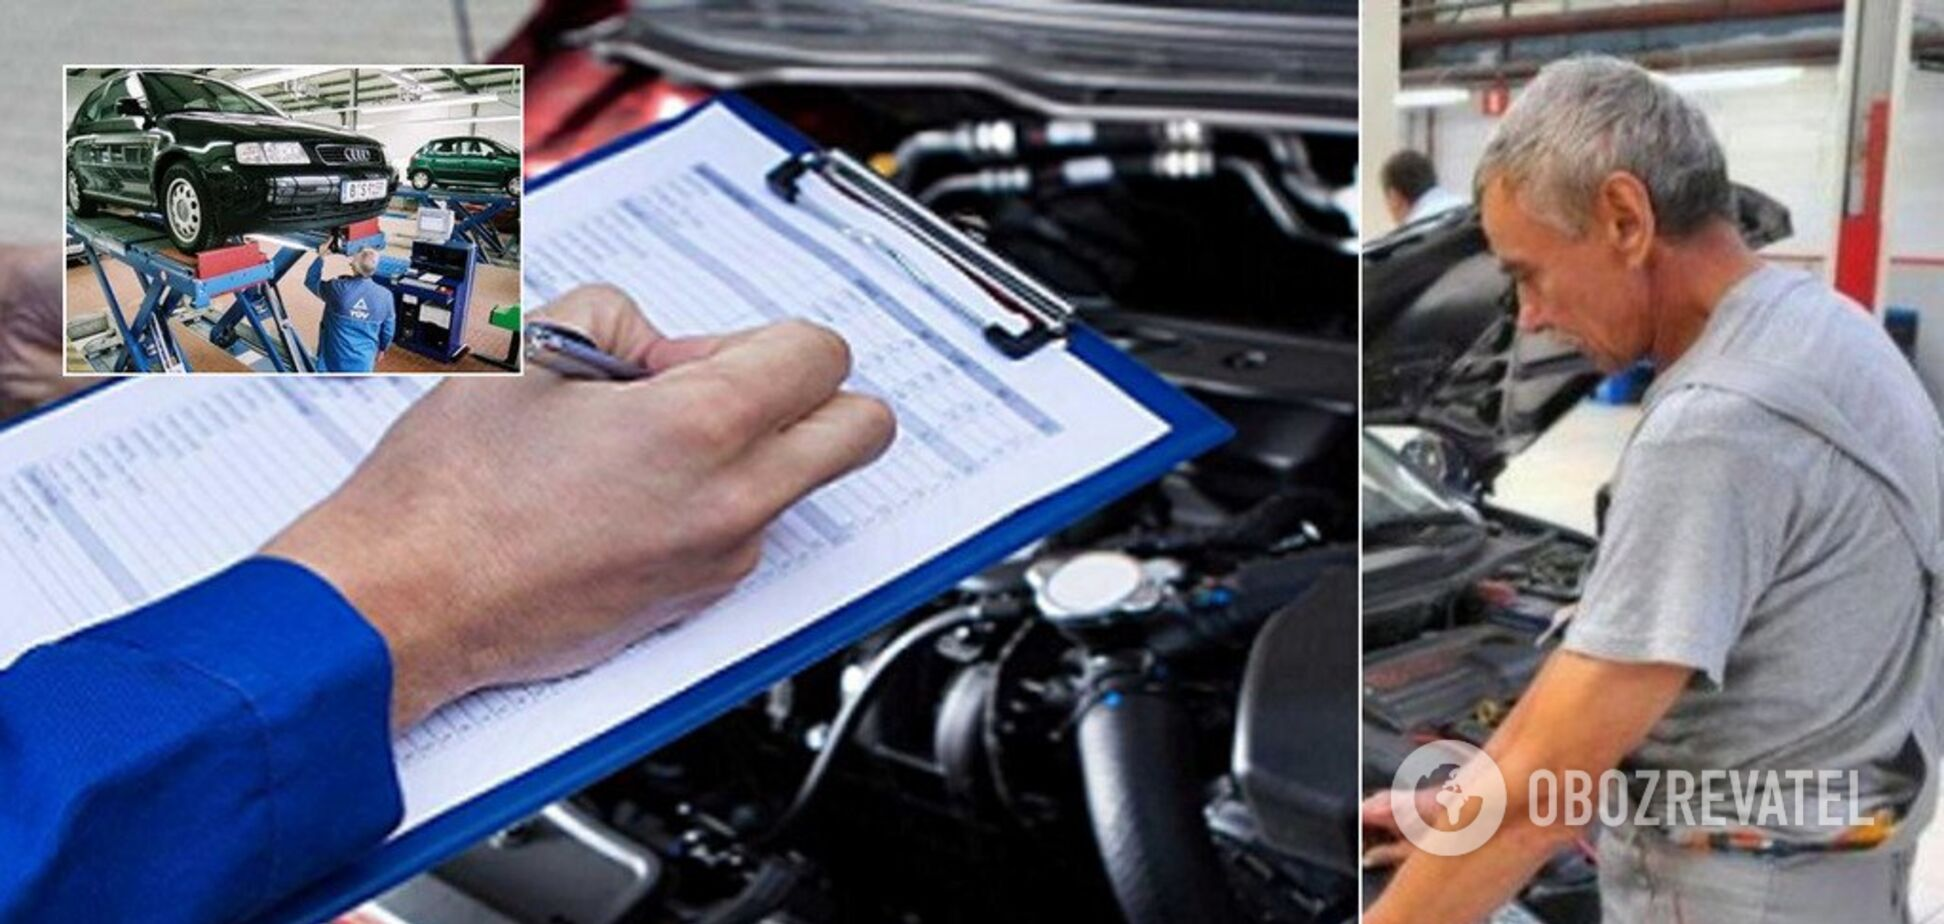 Зміни з техоглядом і нові штрафи: в Україні змінять правила для водіїв